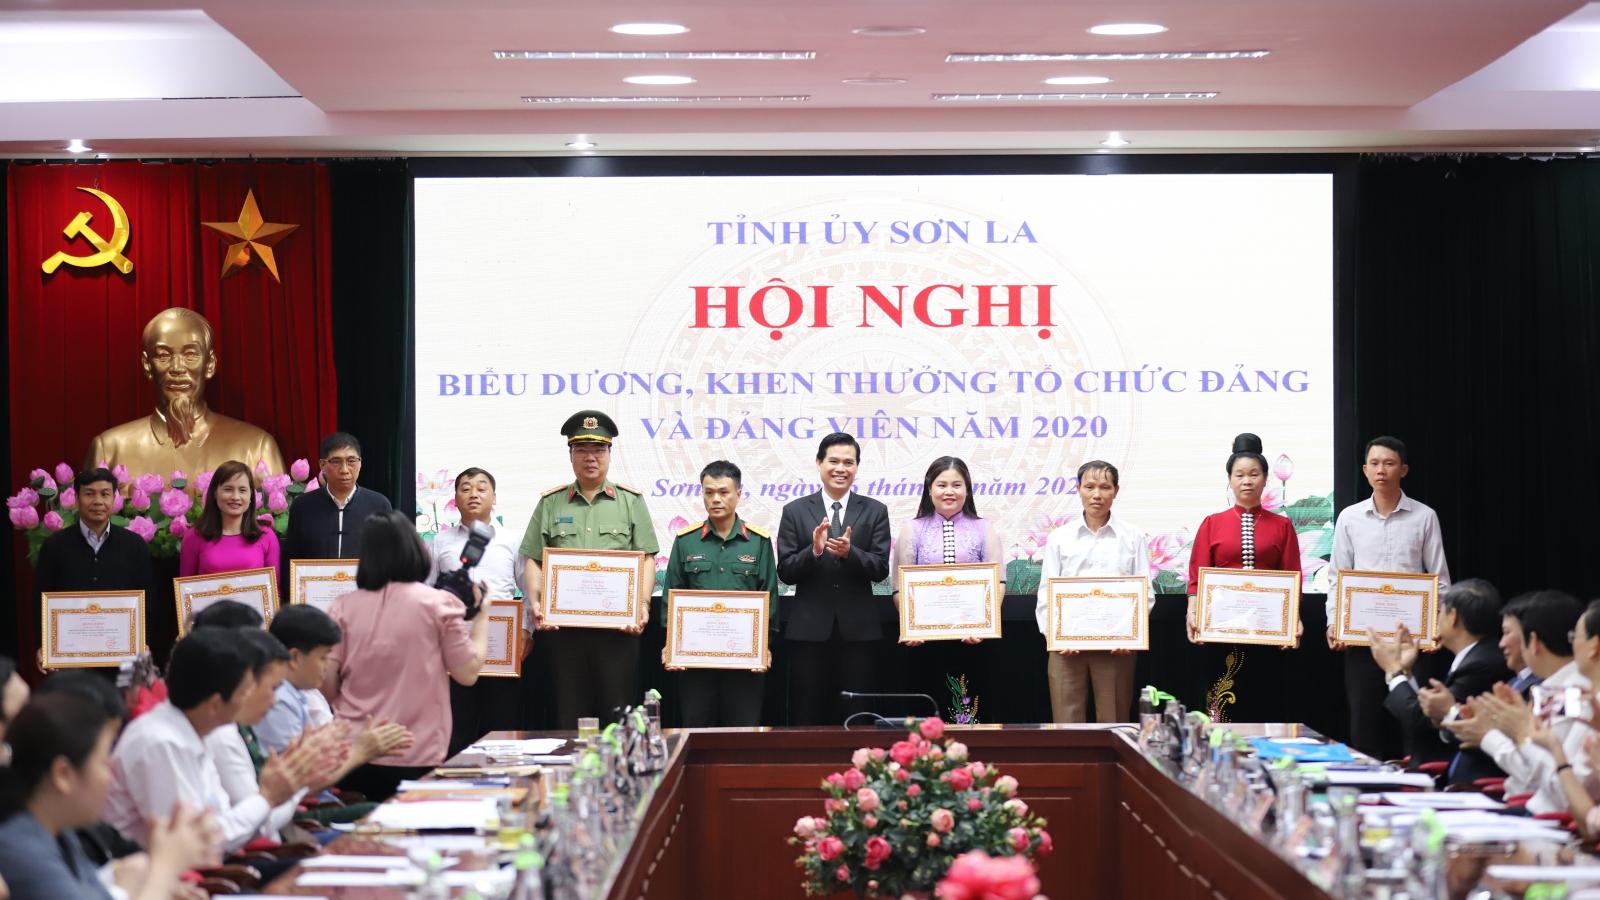 Sơn La biểu dương tổ chức đảng và đảng viên xuất sắc